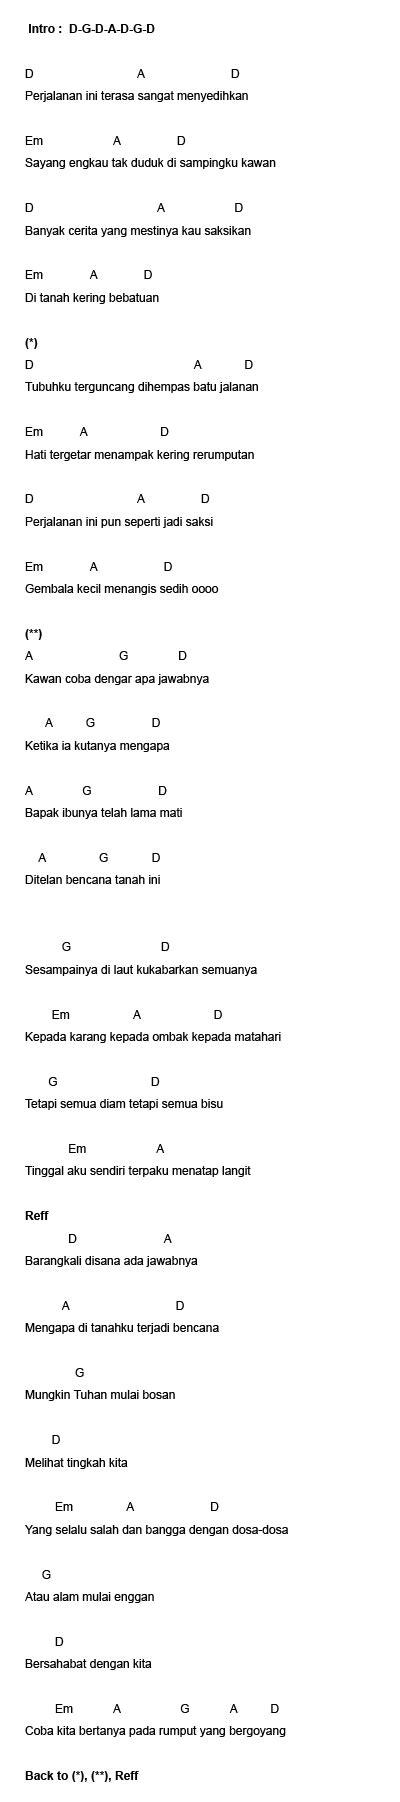 berita kepada kawan ebiet g ade with lyrics lirik lagu on 7 dan lyrics lirik lagu ebiet g ade